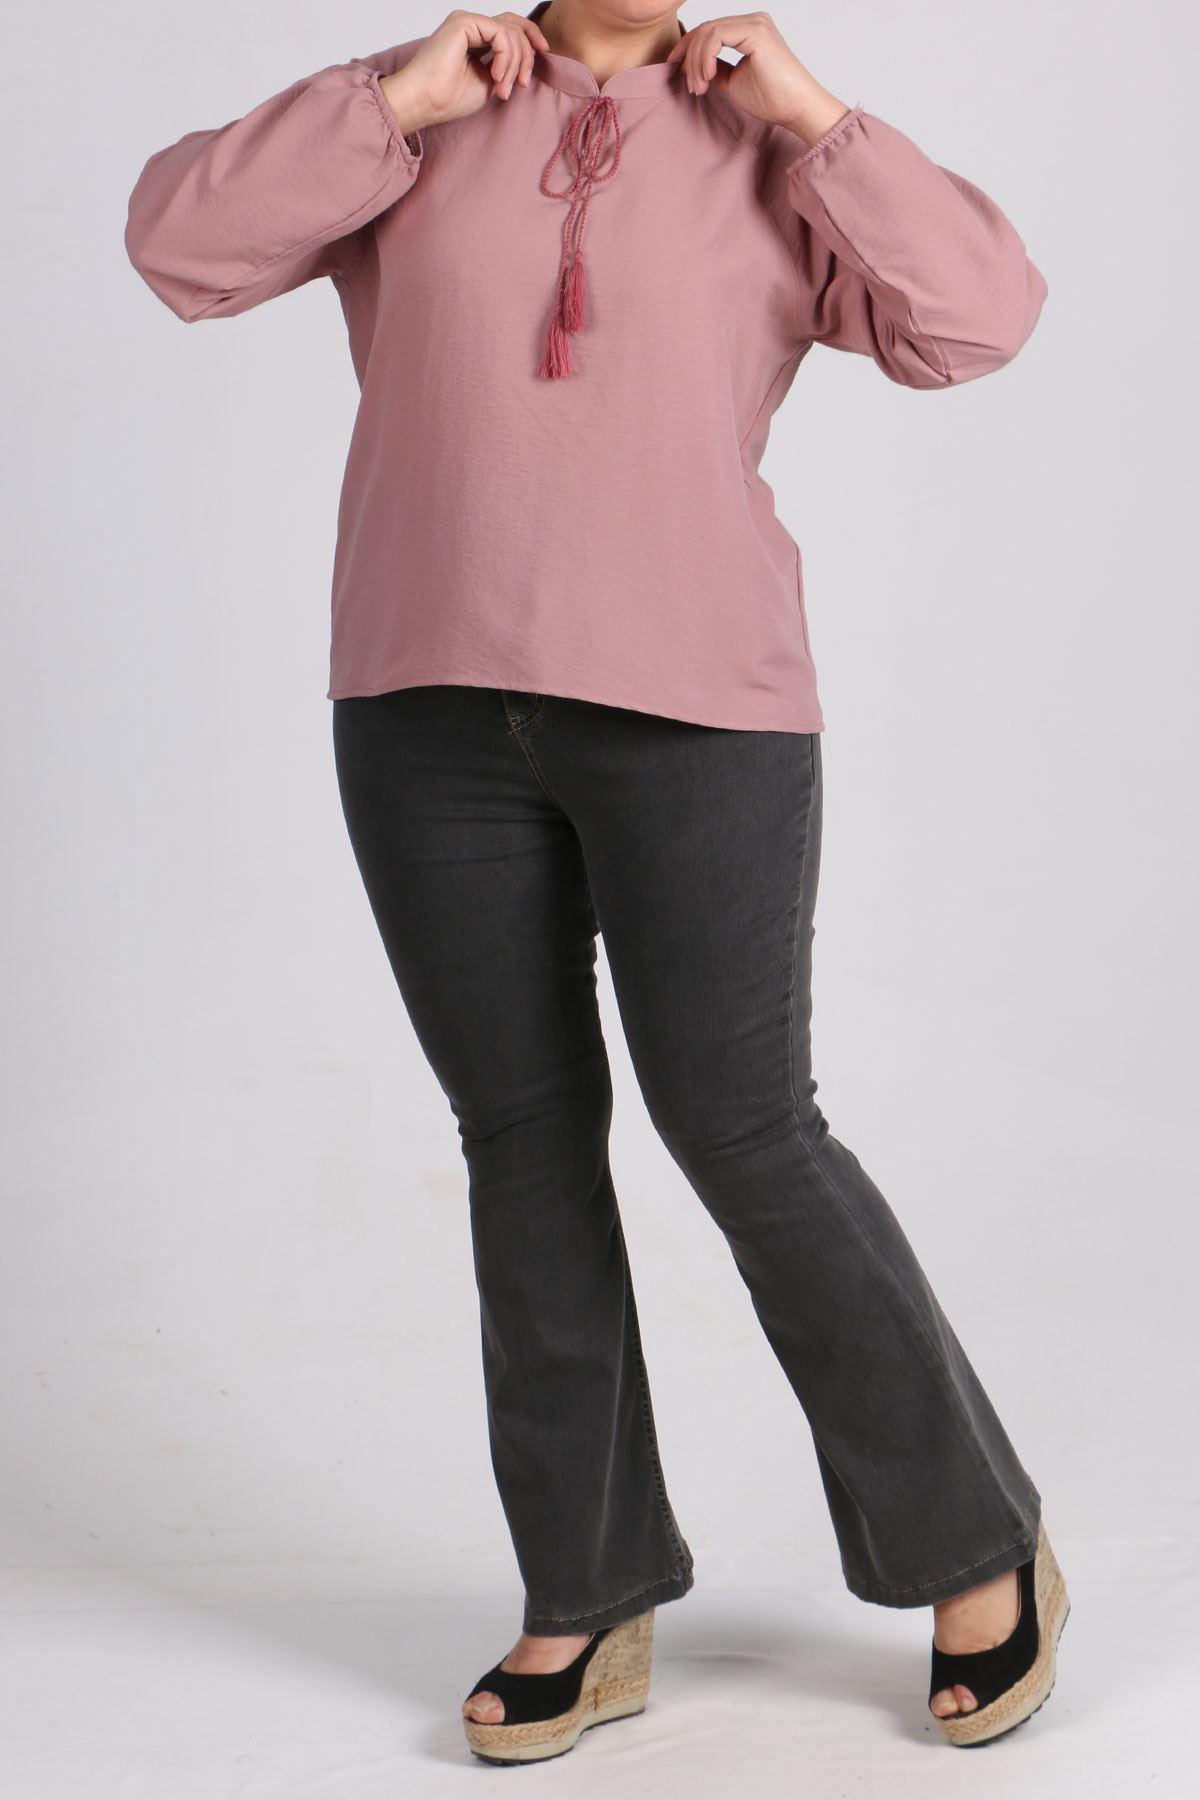 8441 Plus Size Short Tunic - Dusty Rose